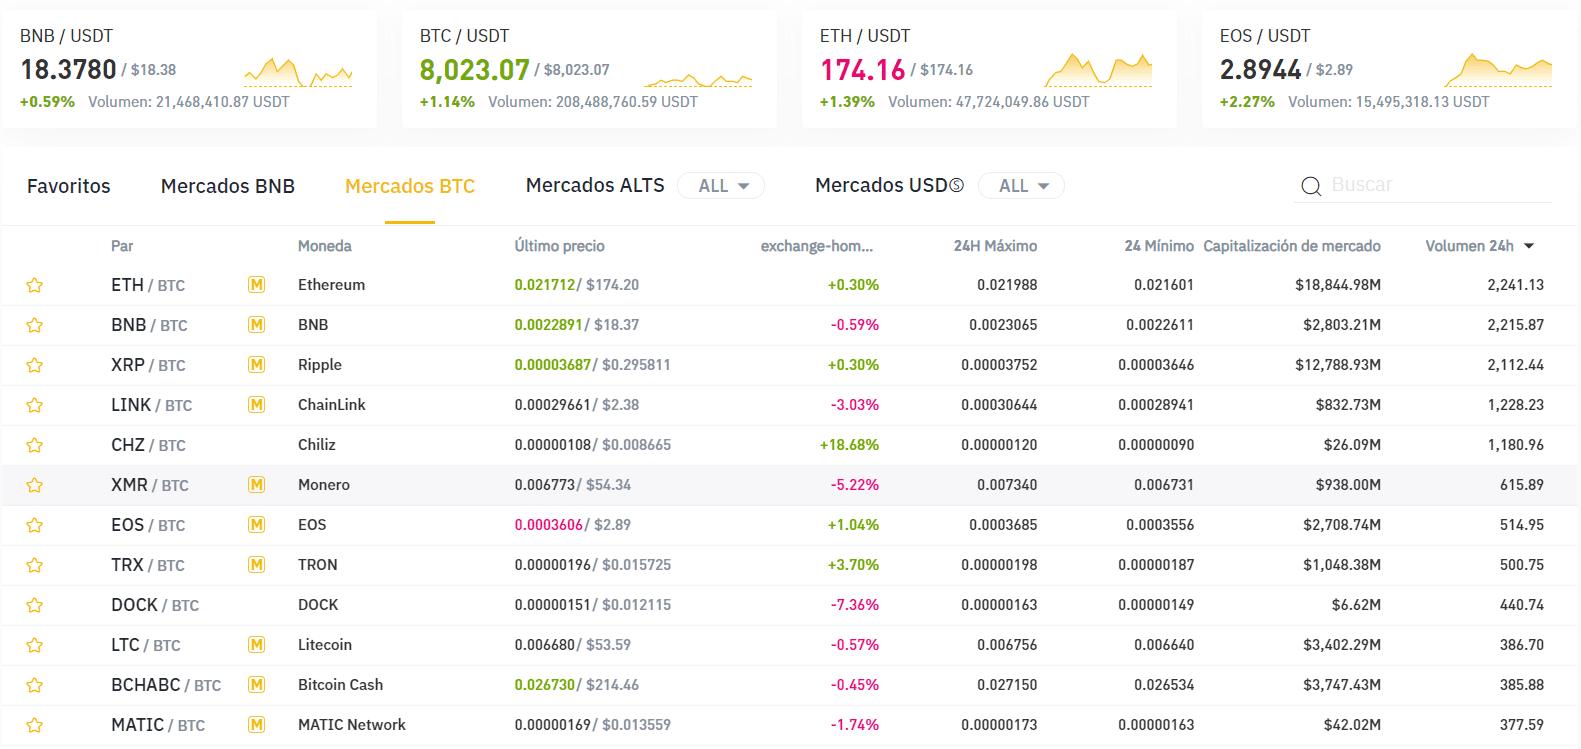 ¿Qué cryptos puedo comprar en Binance?